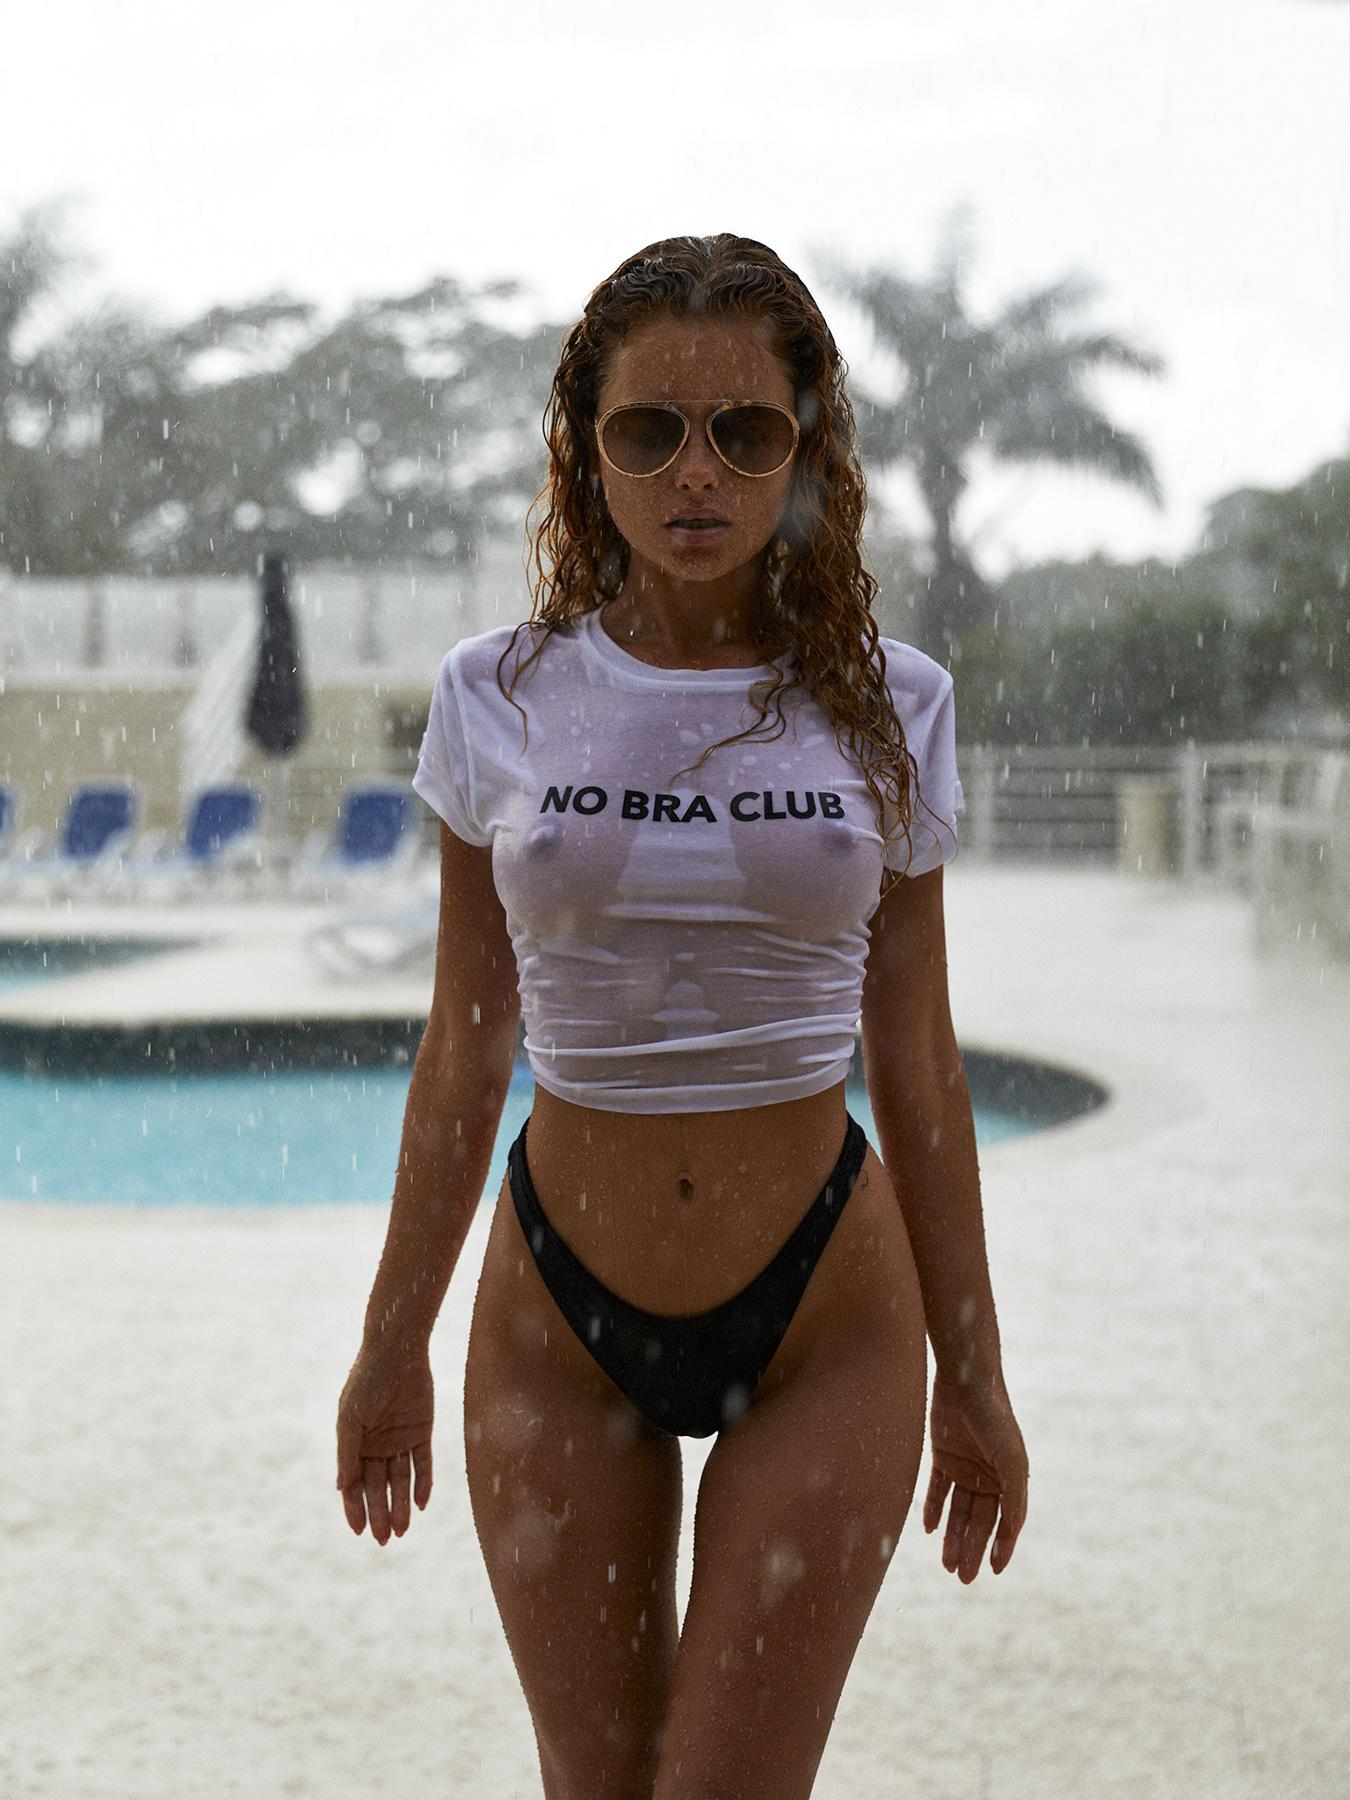 No bra